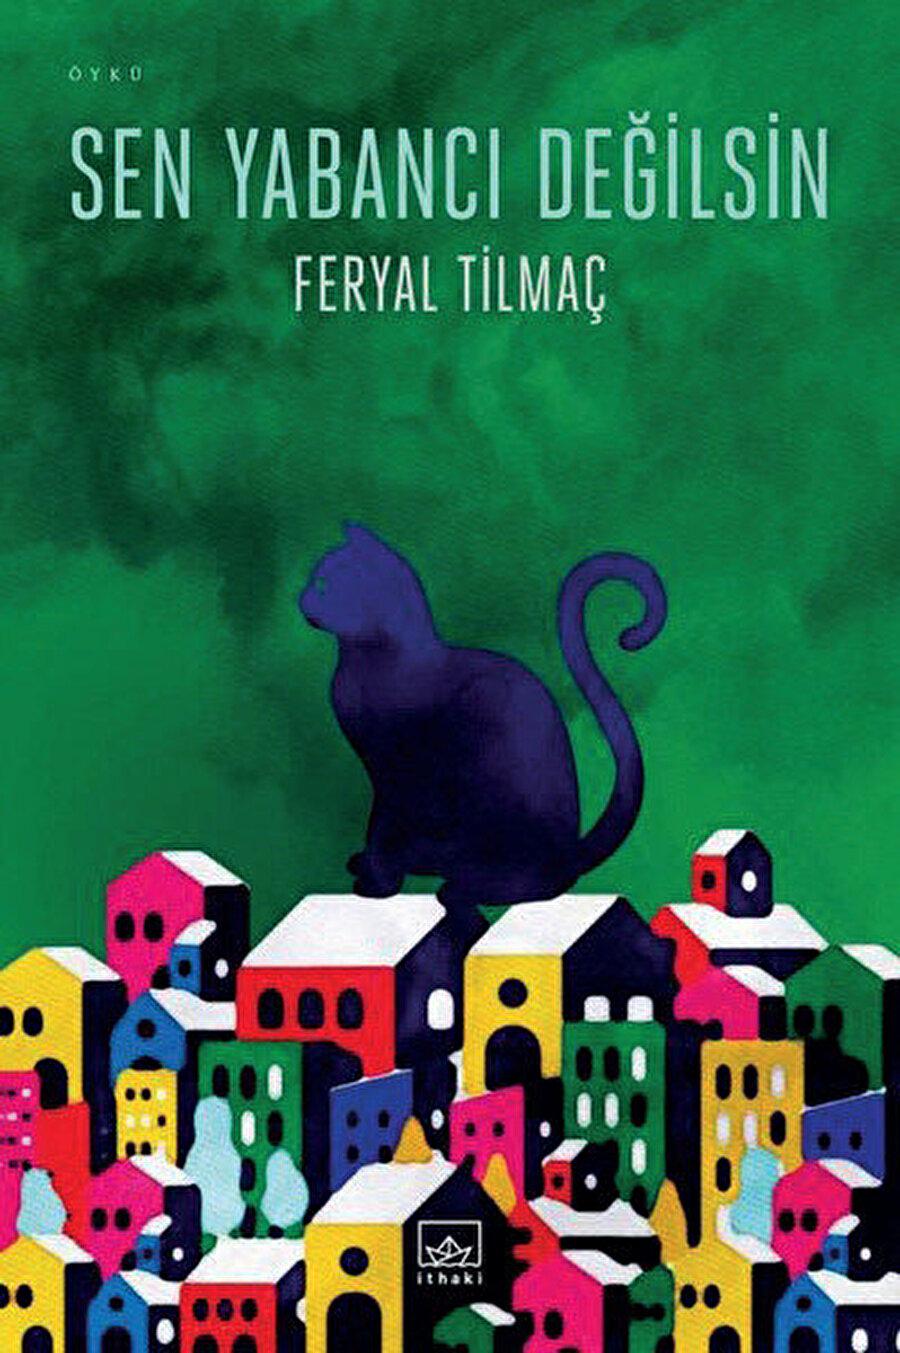 Feryal Tilmaç'ın yeni öykü kitabı Sen Yabancı Değilsin İthaki Yayınları'dan çıktı.